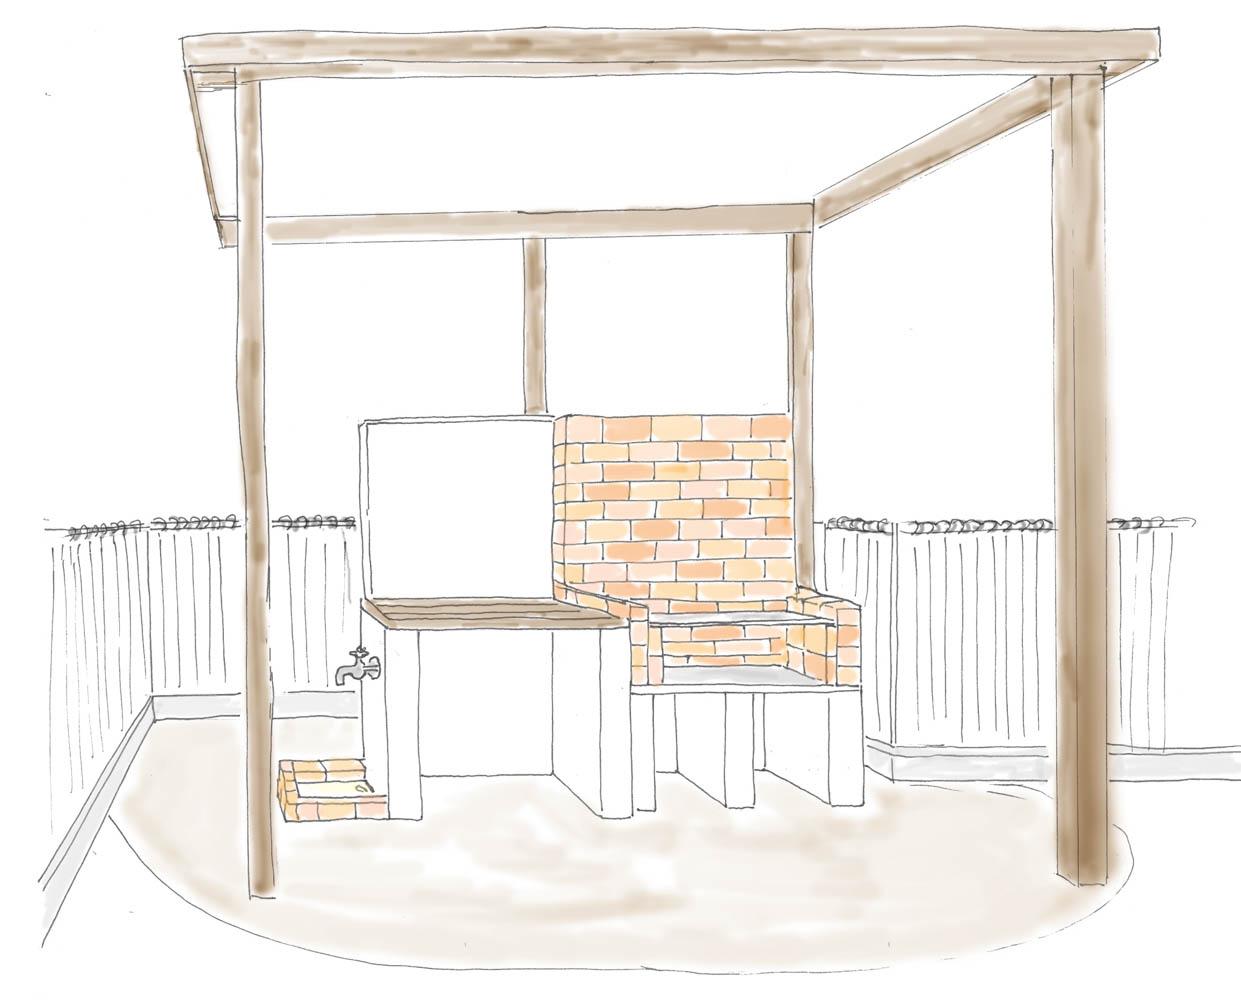 新築の庭の一角にレンガのBBQコンロを設置